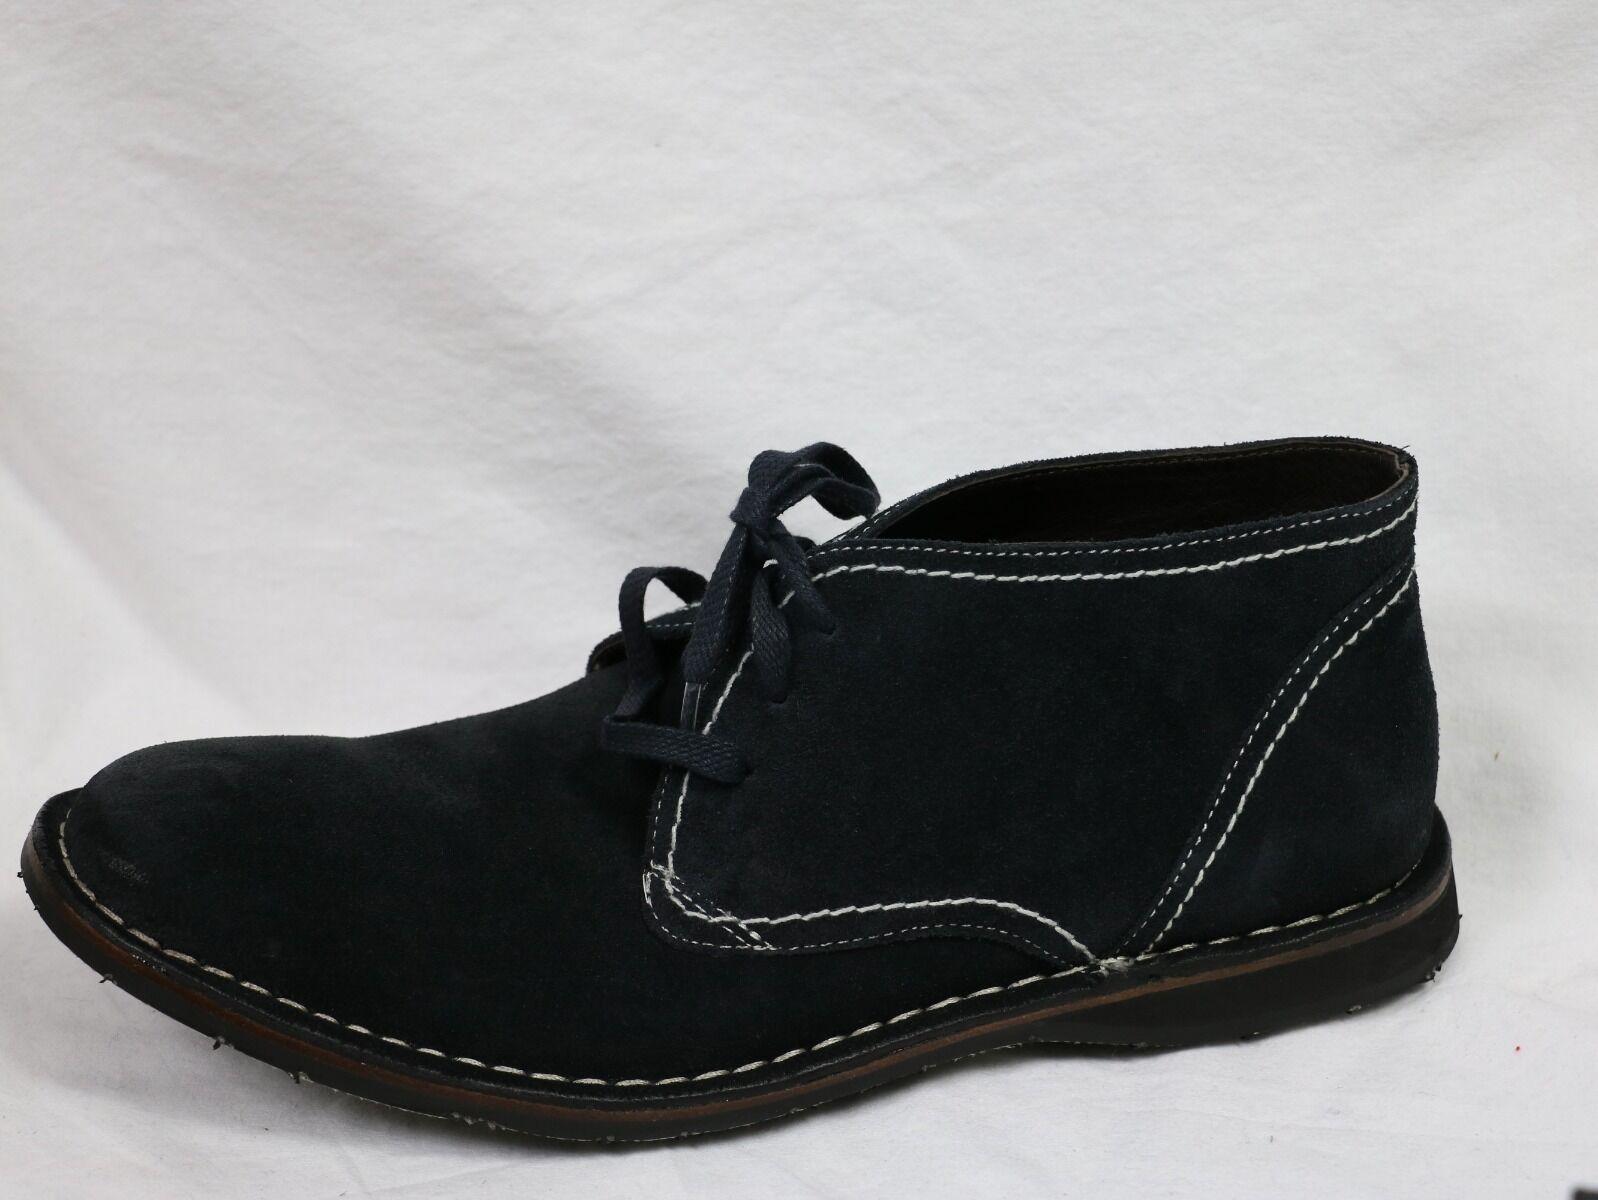 vendita economica John Varvatos scarpe nero suede 10.5 10.5 10.5  lo stile classico